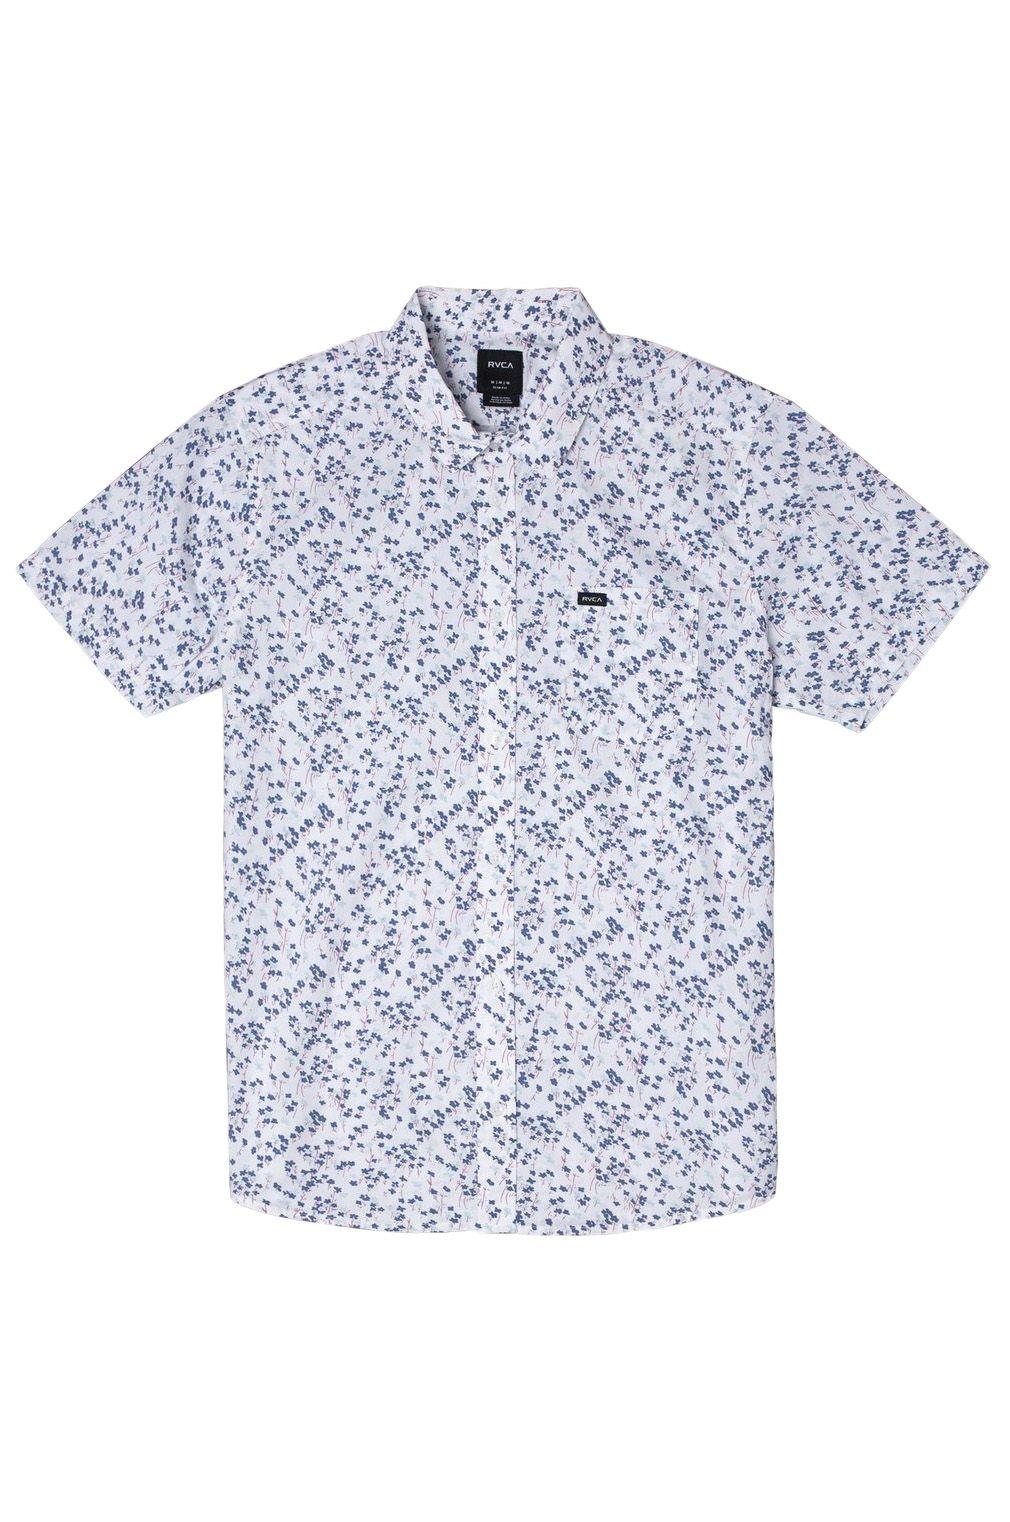 RVCA Shirt ETERNAL SS Antique White